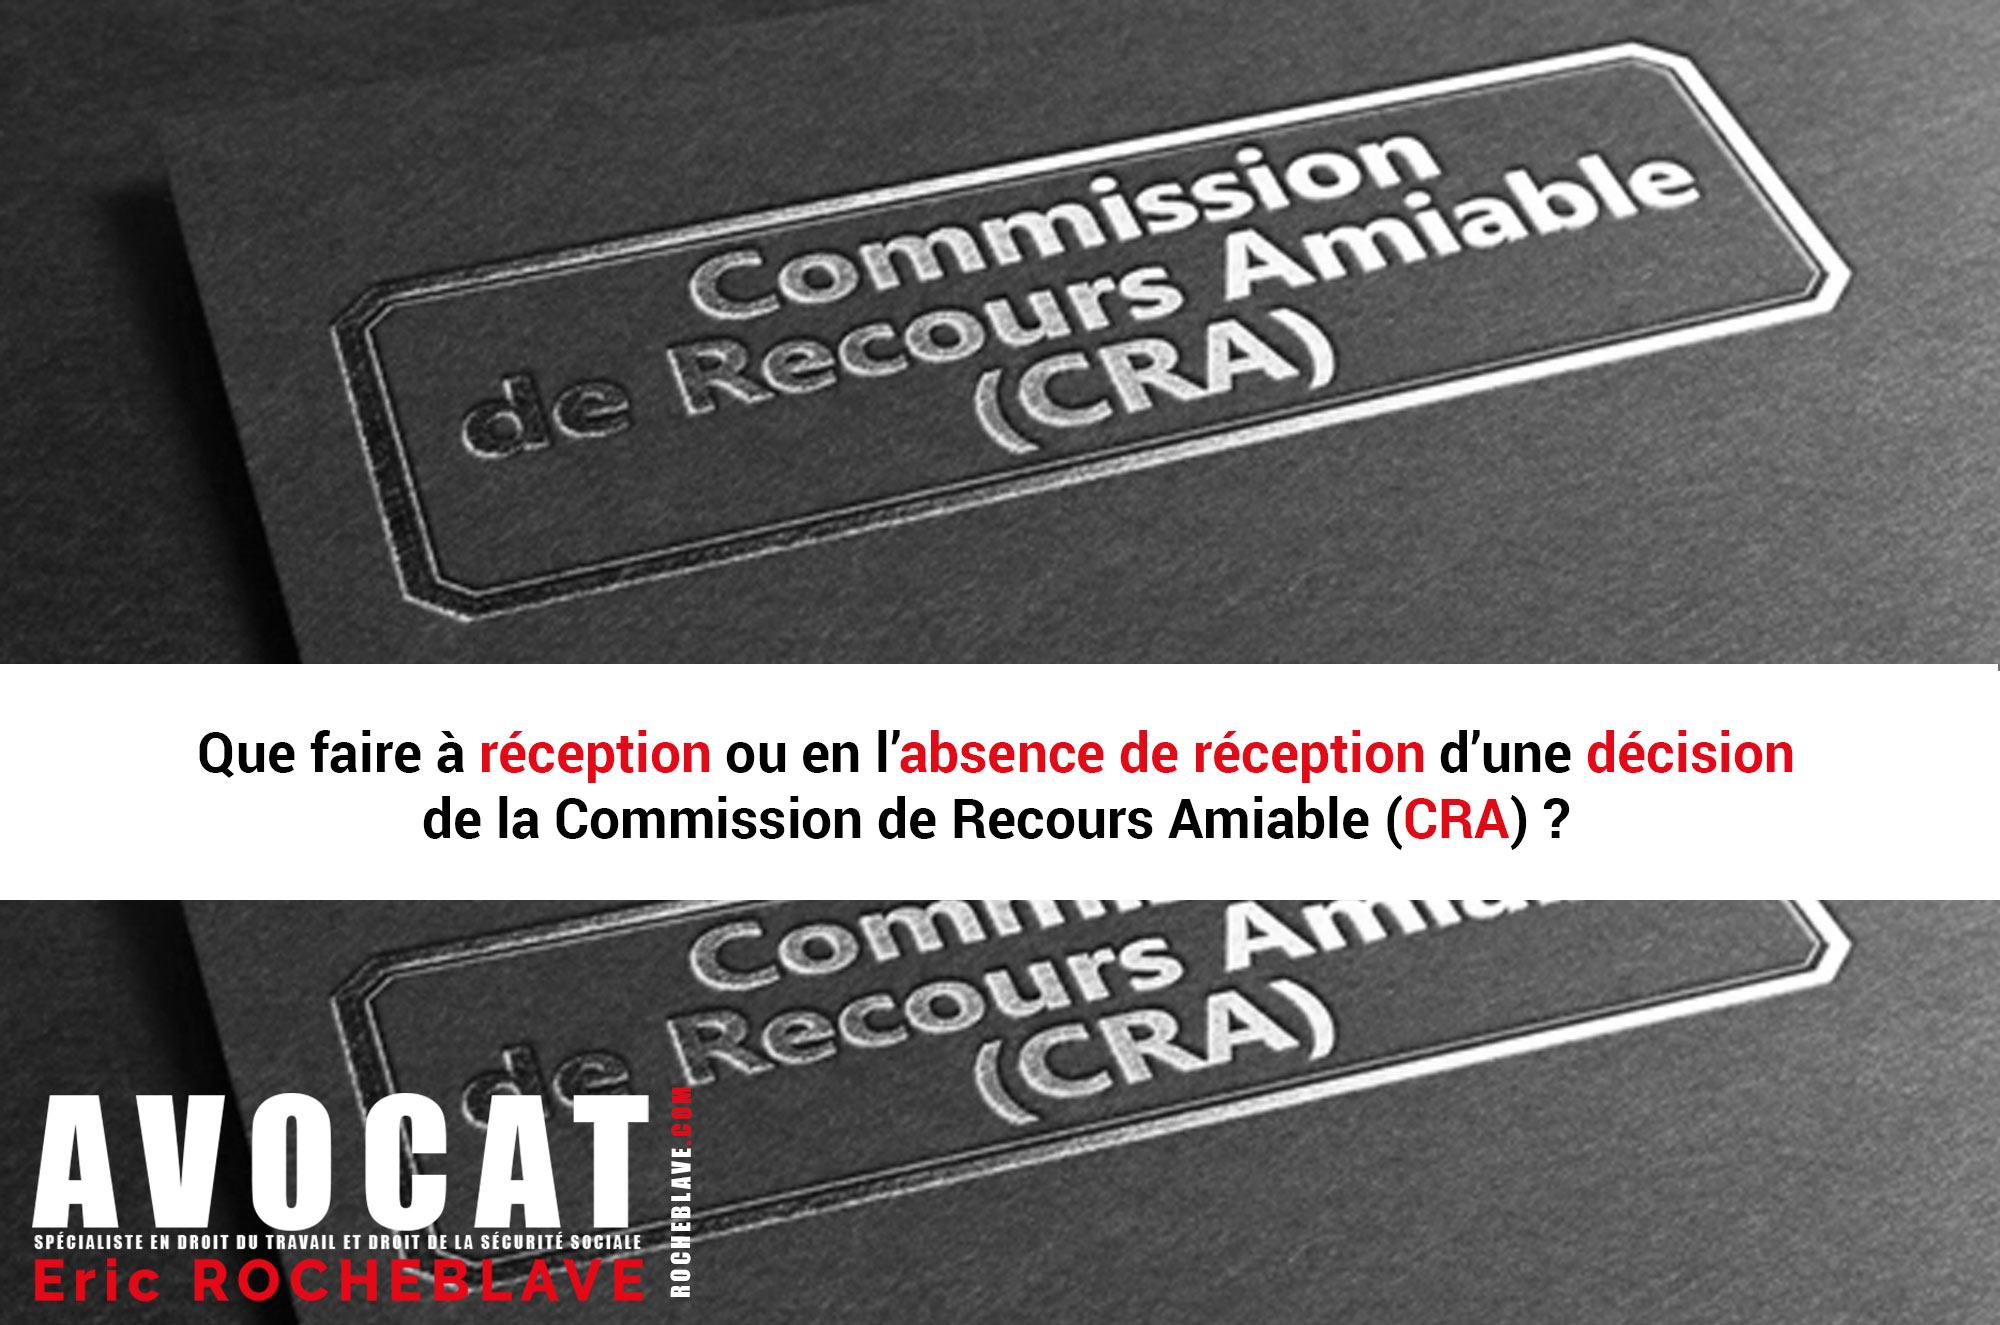 Que faire à réception ou en l'absence de réception d'une décision de la Commission de Recours Amiable (CRA) ?